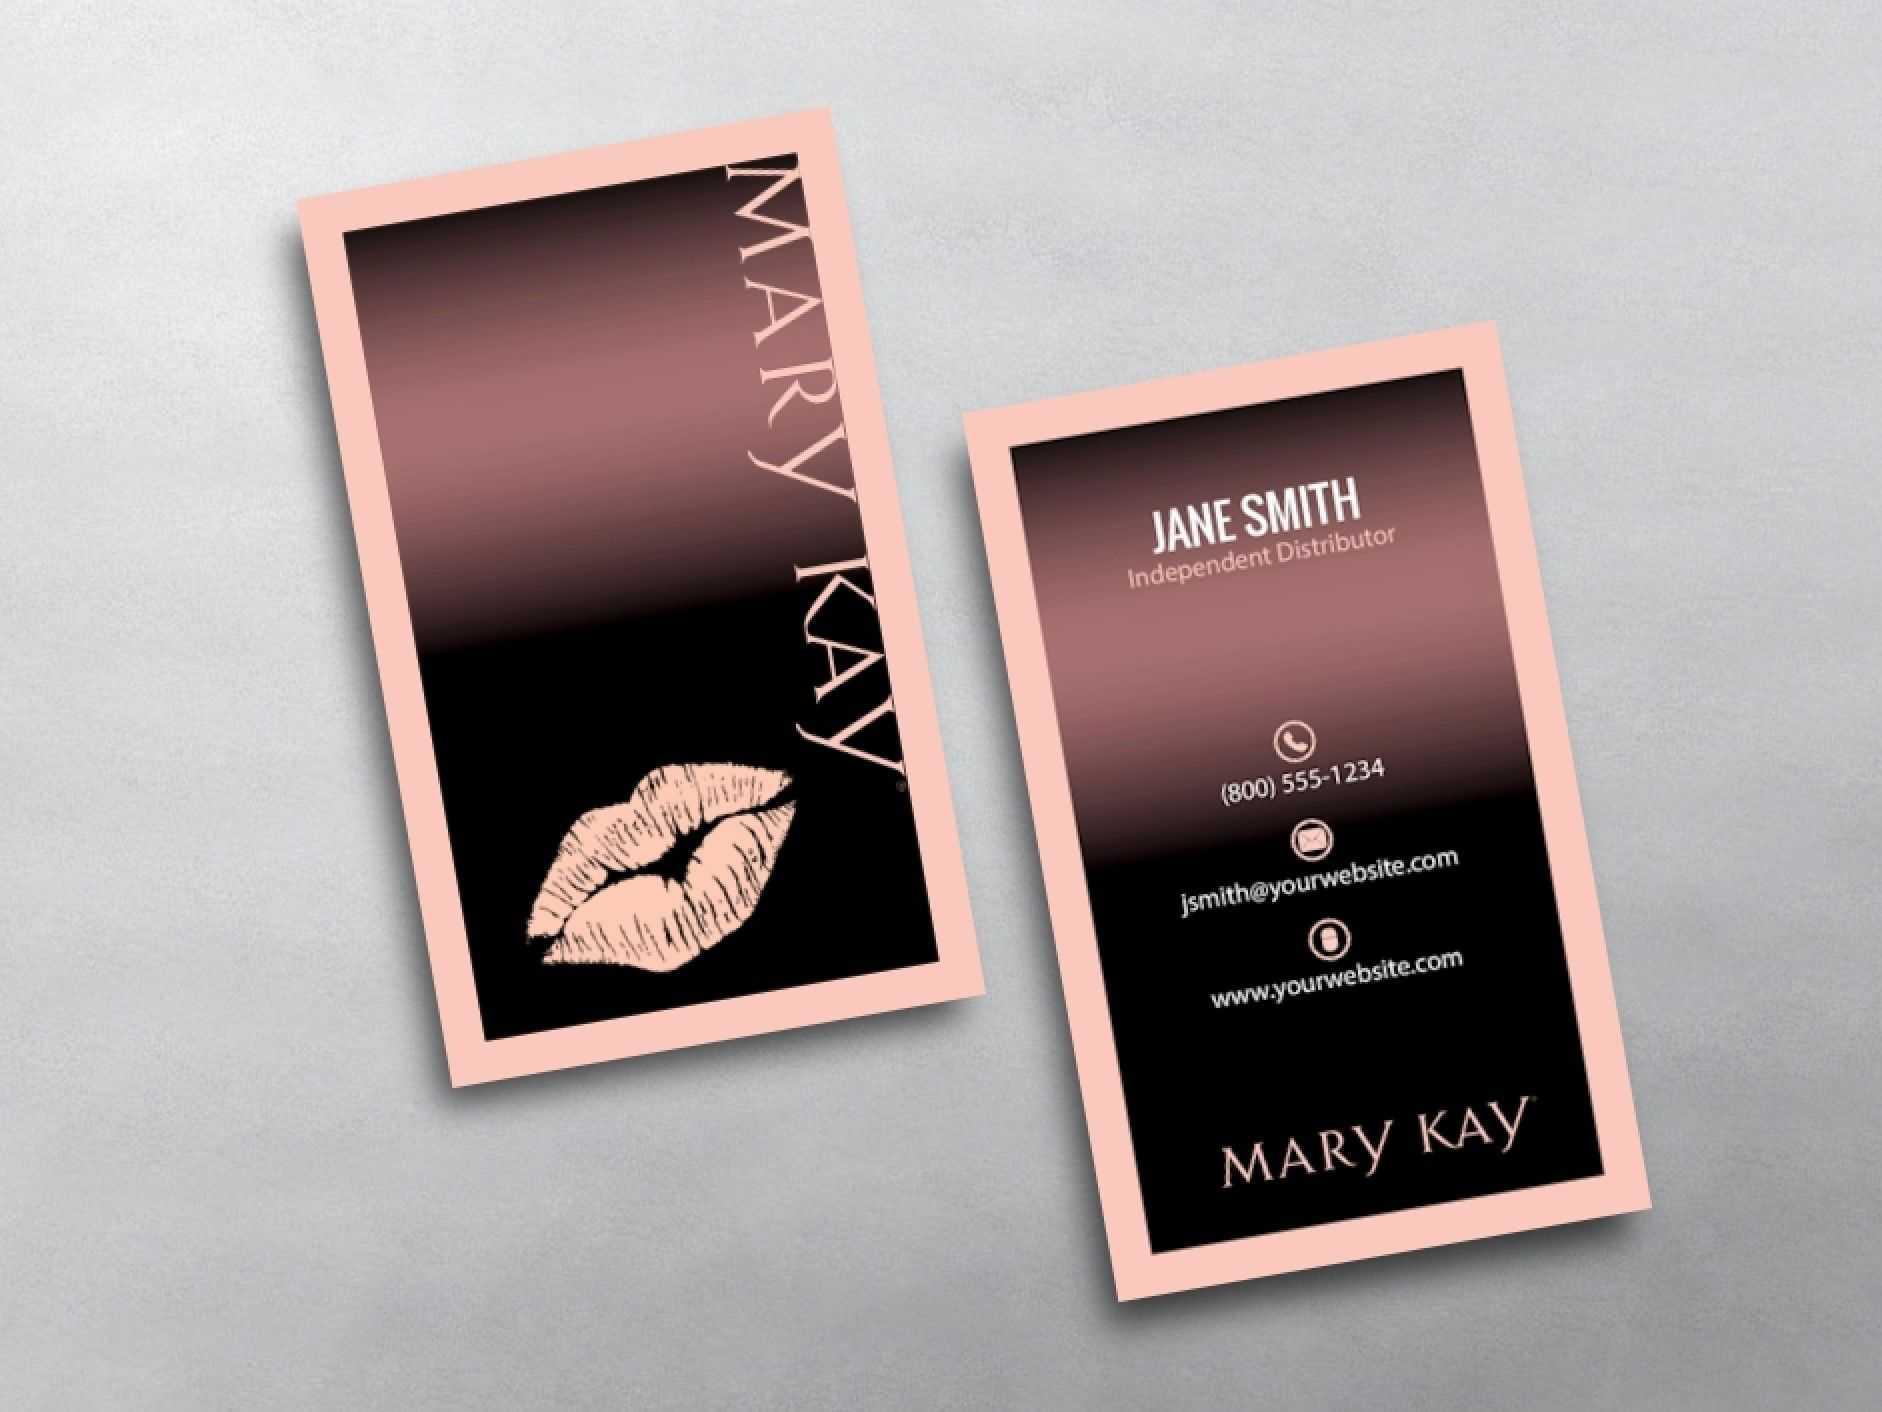 Mary Kay Business Cards In 2019 | Mary Kay, Mary Kay inside Mary Kay Business Cards Templates Free